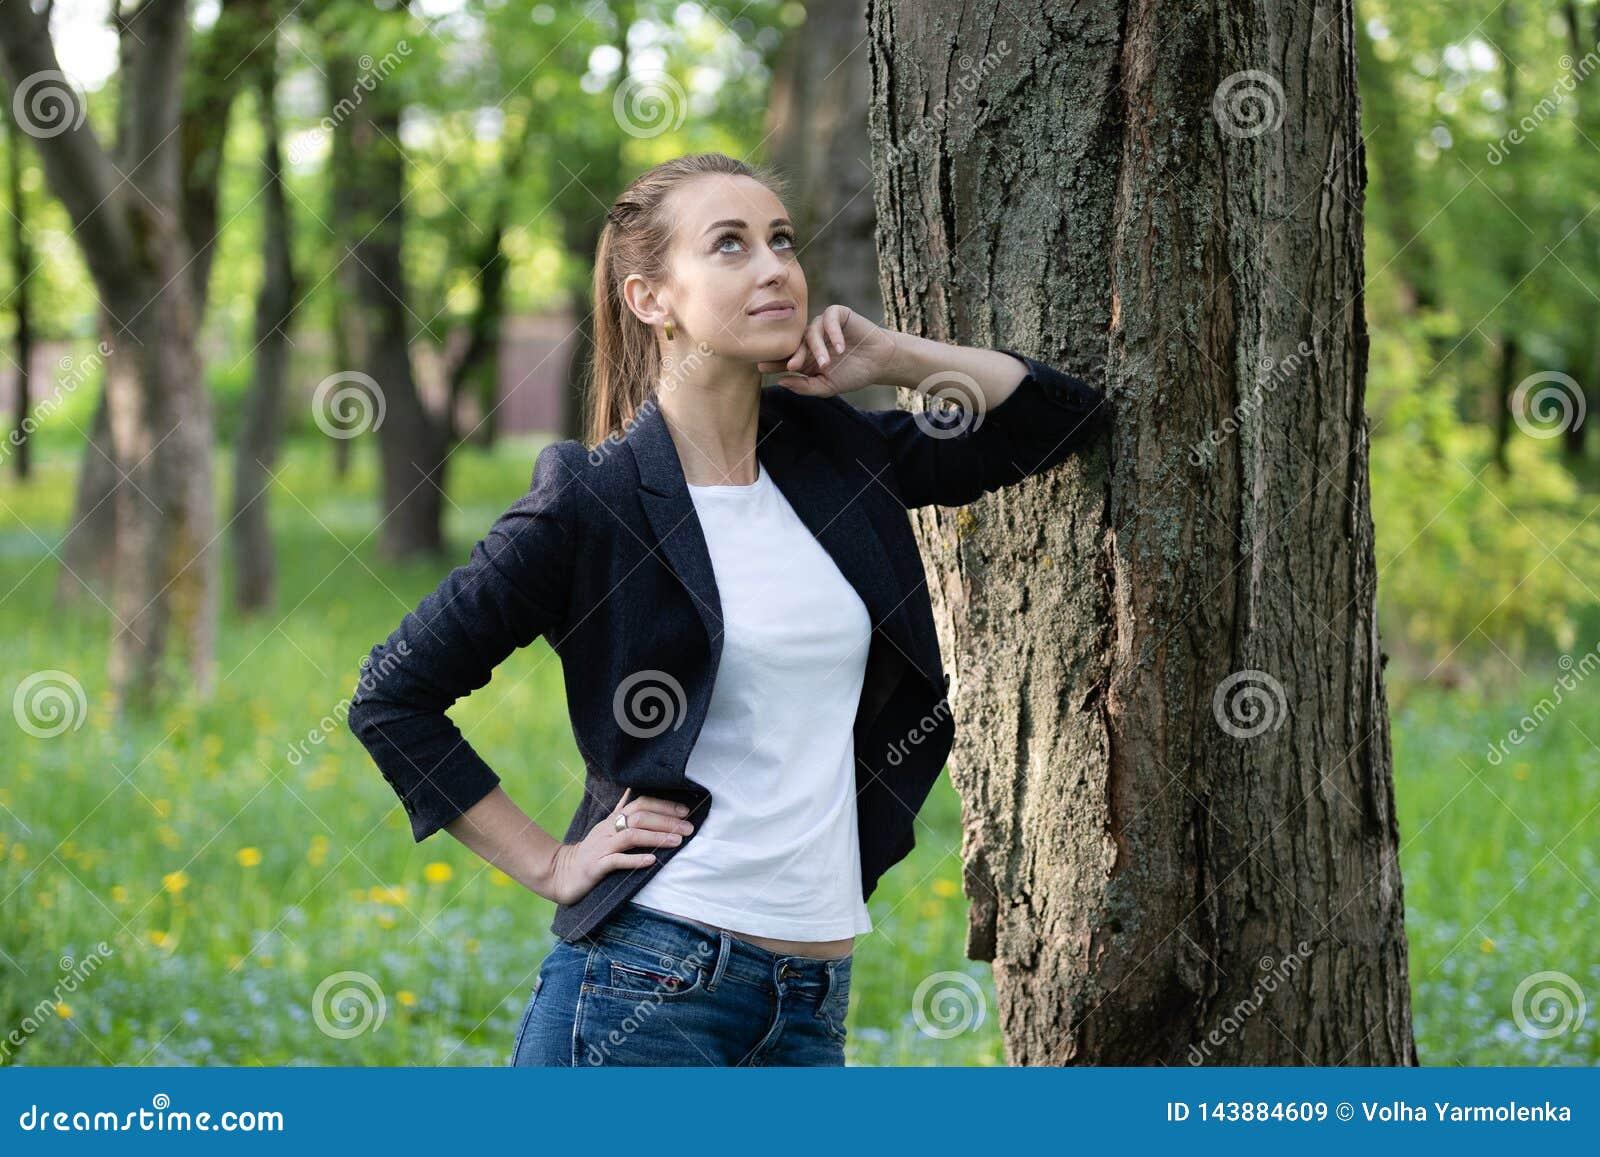 De jonge slanke vrouwenrust op een boomboomstam, op haar gezicht is een dromerige uitdrukking